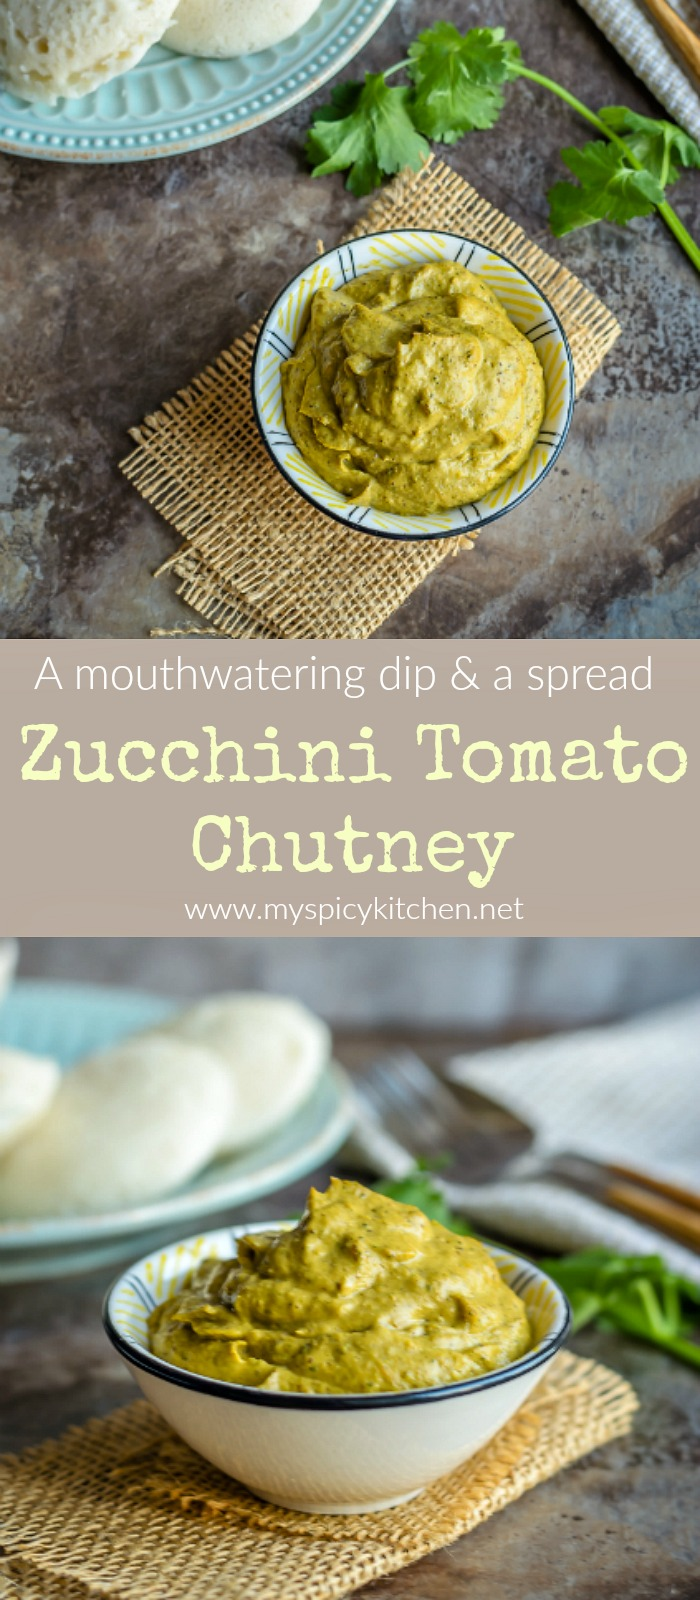 Bowl of zucchini tomato pachadi